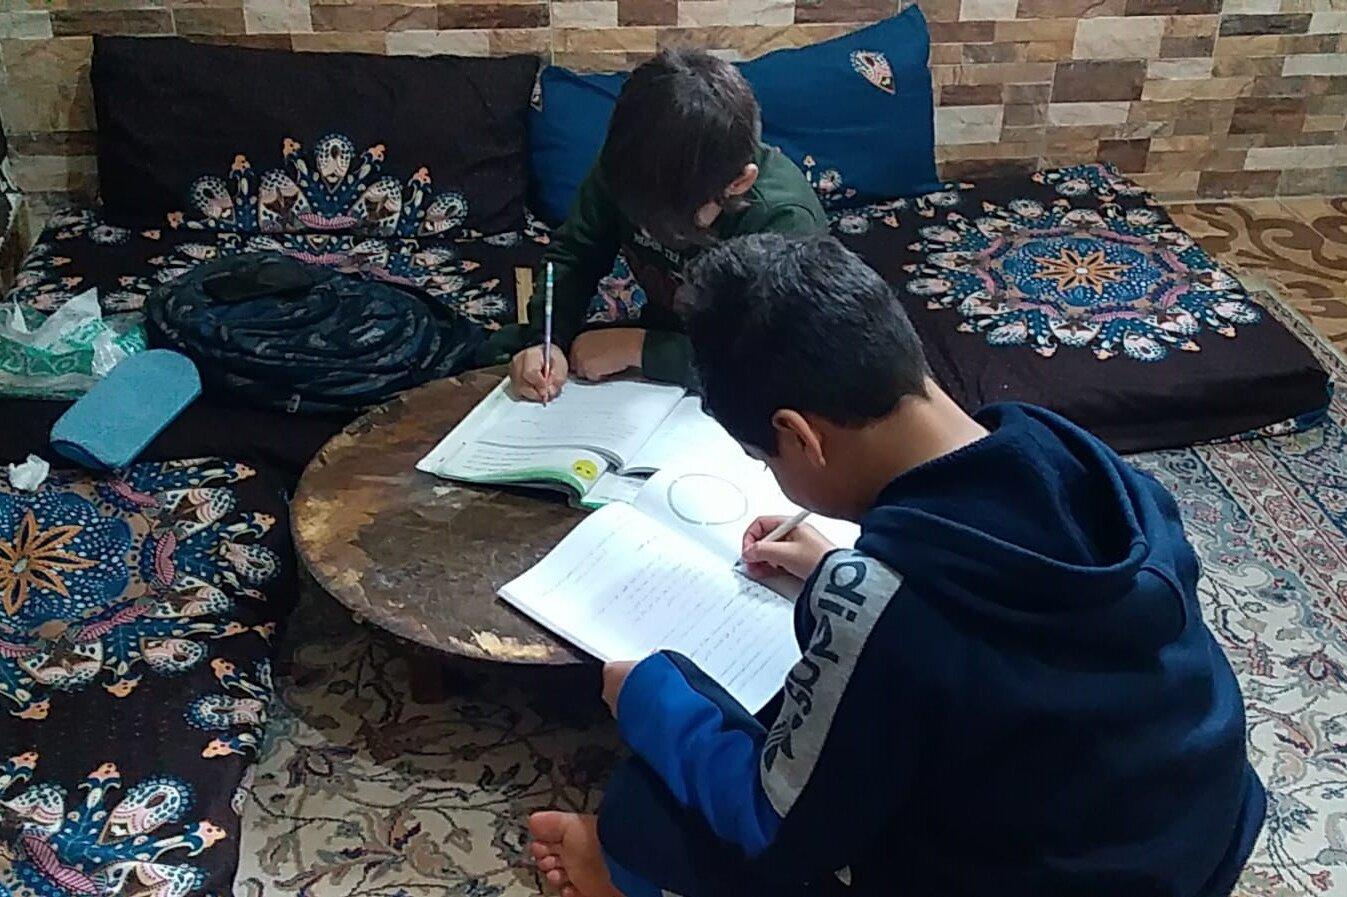 Ein Junge macht Hausaufgaben am Wohnzimmertisch